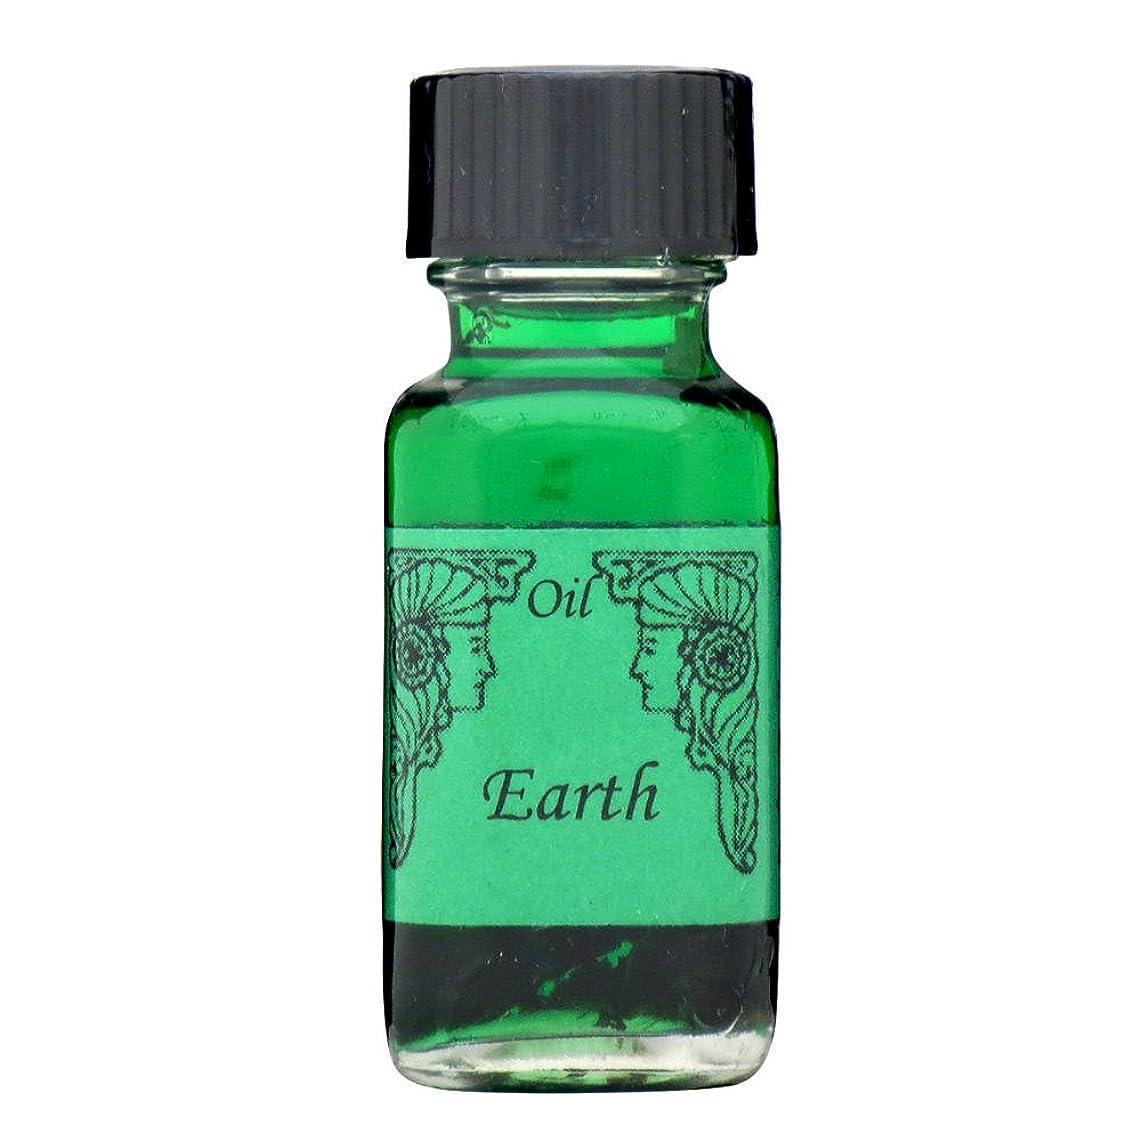 ビン魅了する衝突するアンシェントメモリーオイル アース (地) 15ml (Ancient Memory Oils)